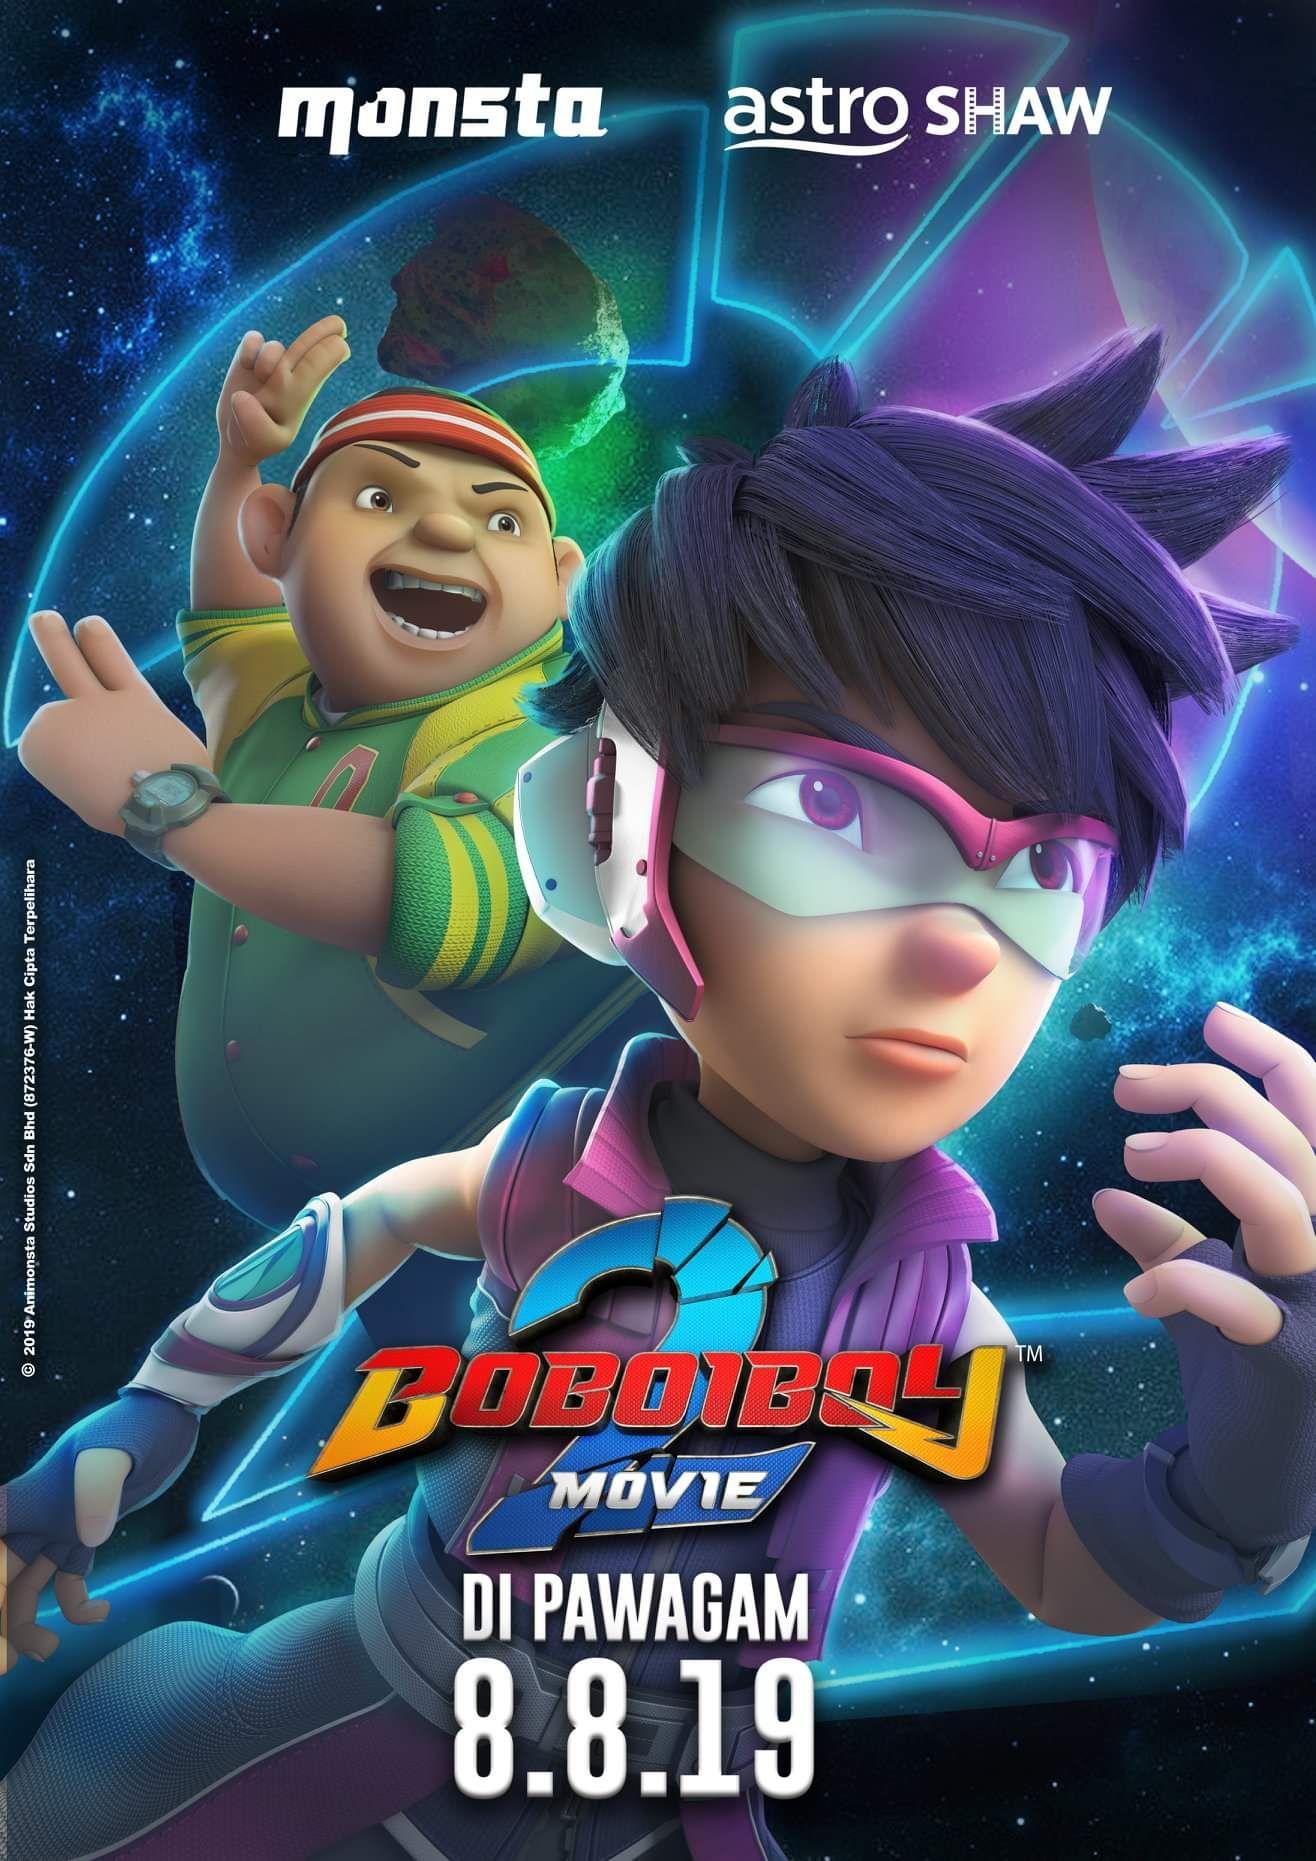 Streaming Boboiboy Movie 2 : streaming, boboiboy, movie, BoBoiBoy, Movie, Boboiboy, Fandom, Galaxy, Movie,, Galaxy,, Anime